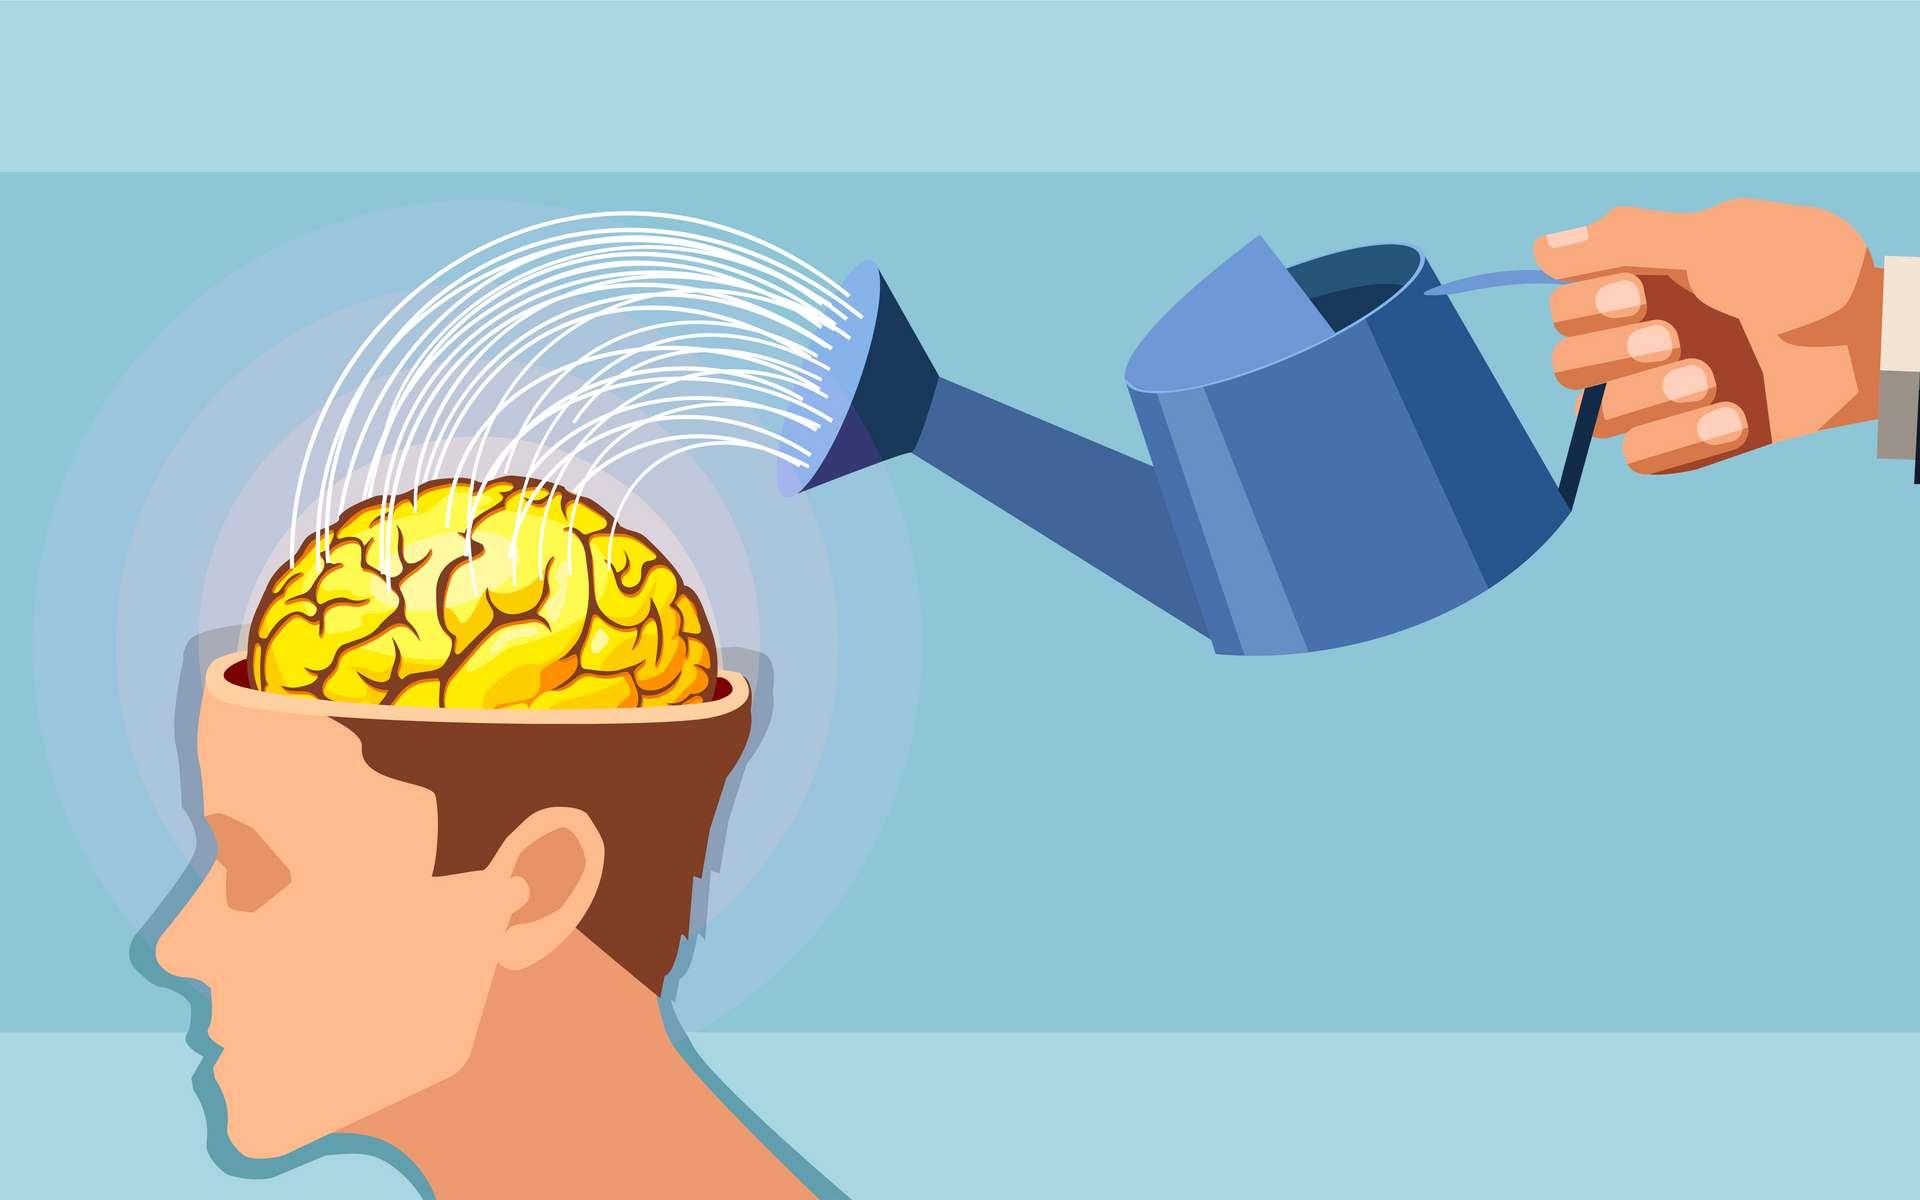 En image : le cerveau doit être irrigué. © Feodora, Adobe Stock